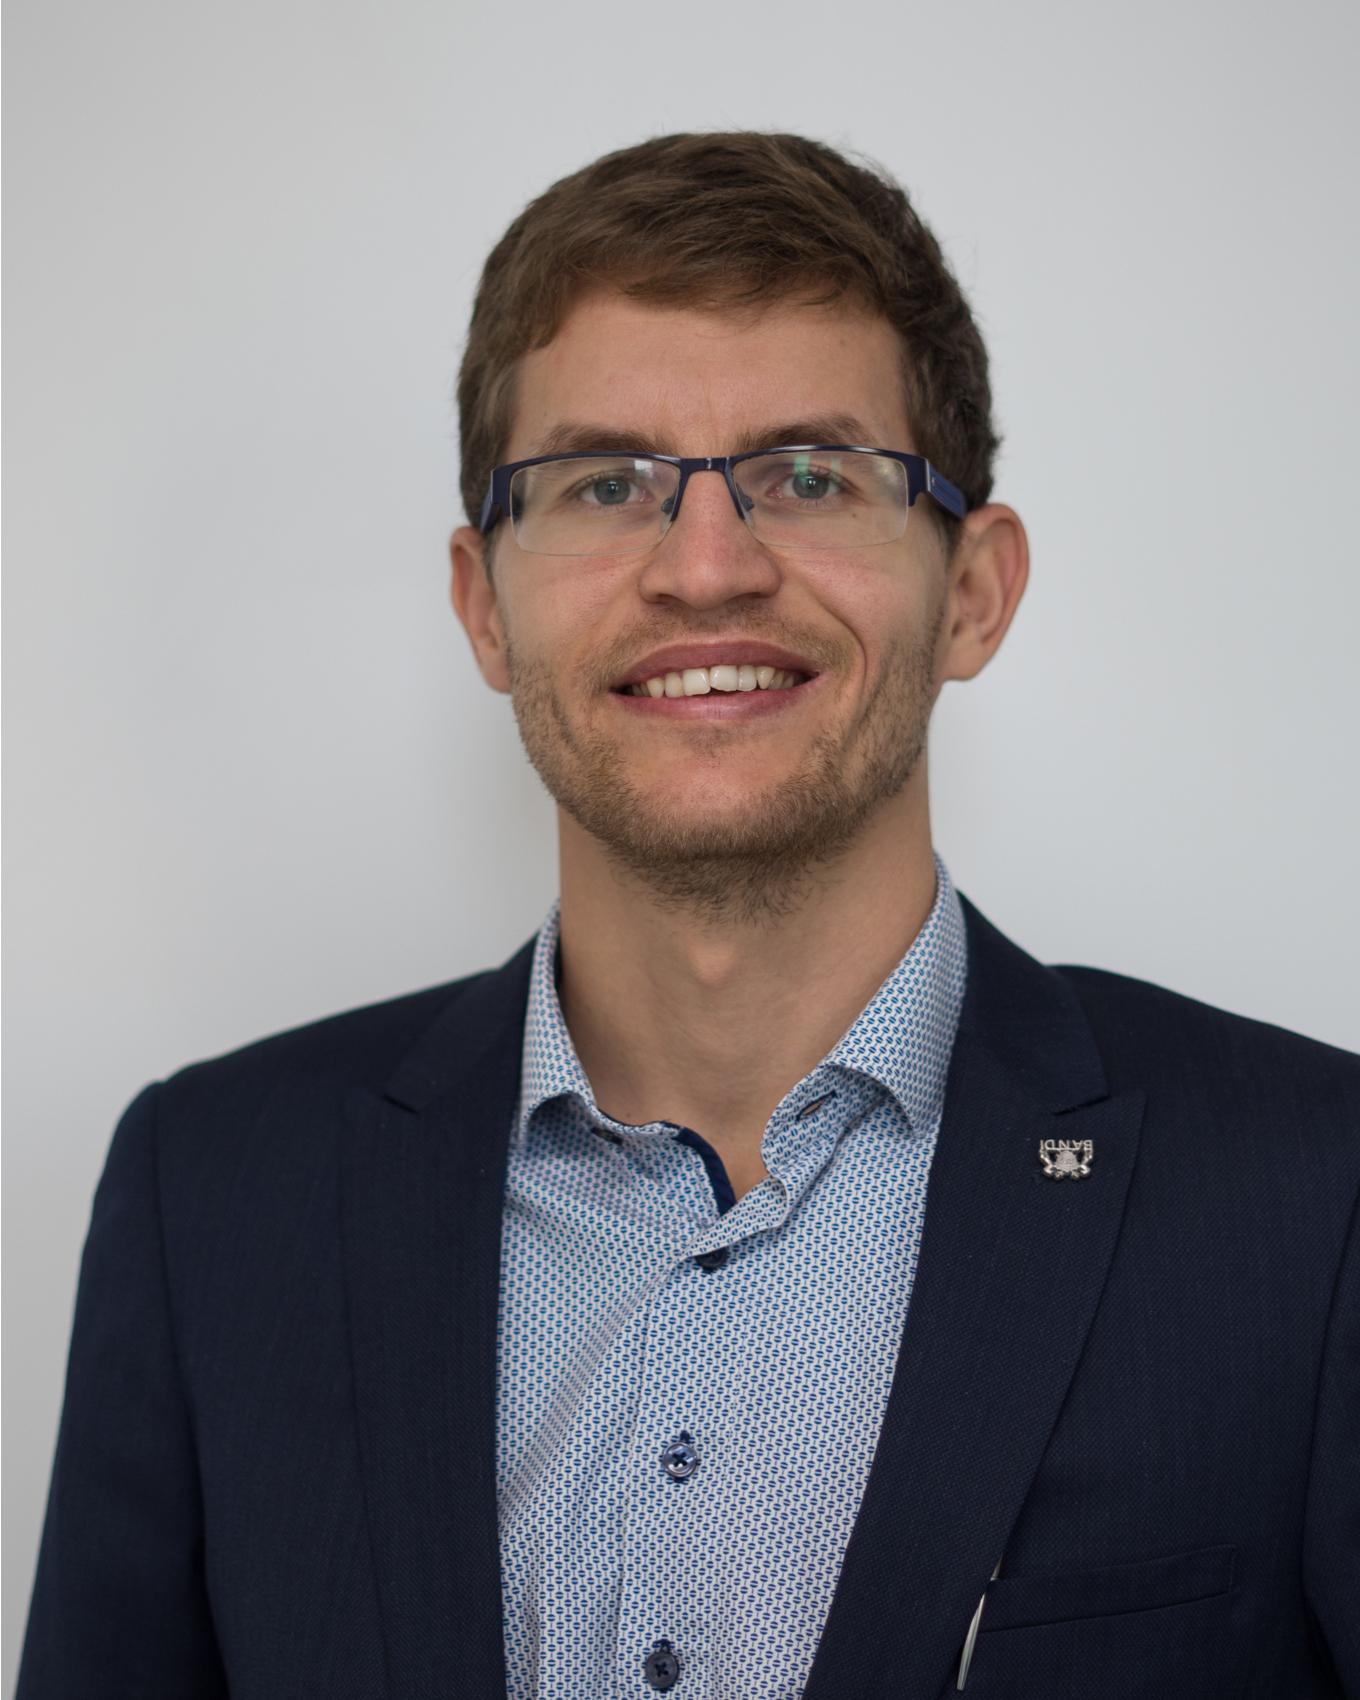 Peter MECKO